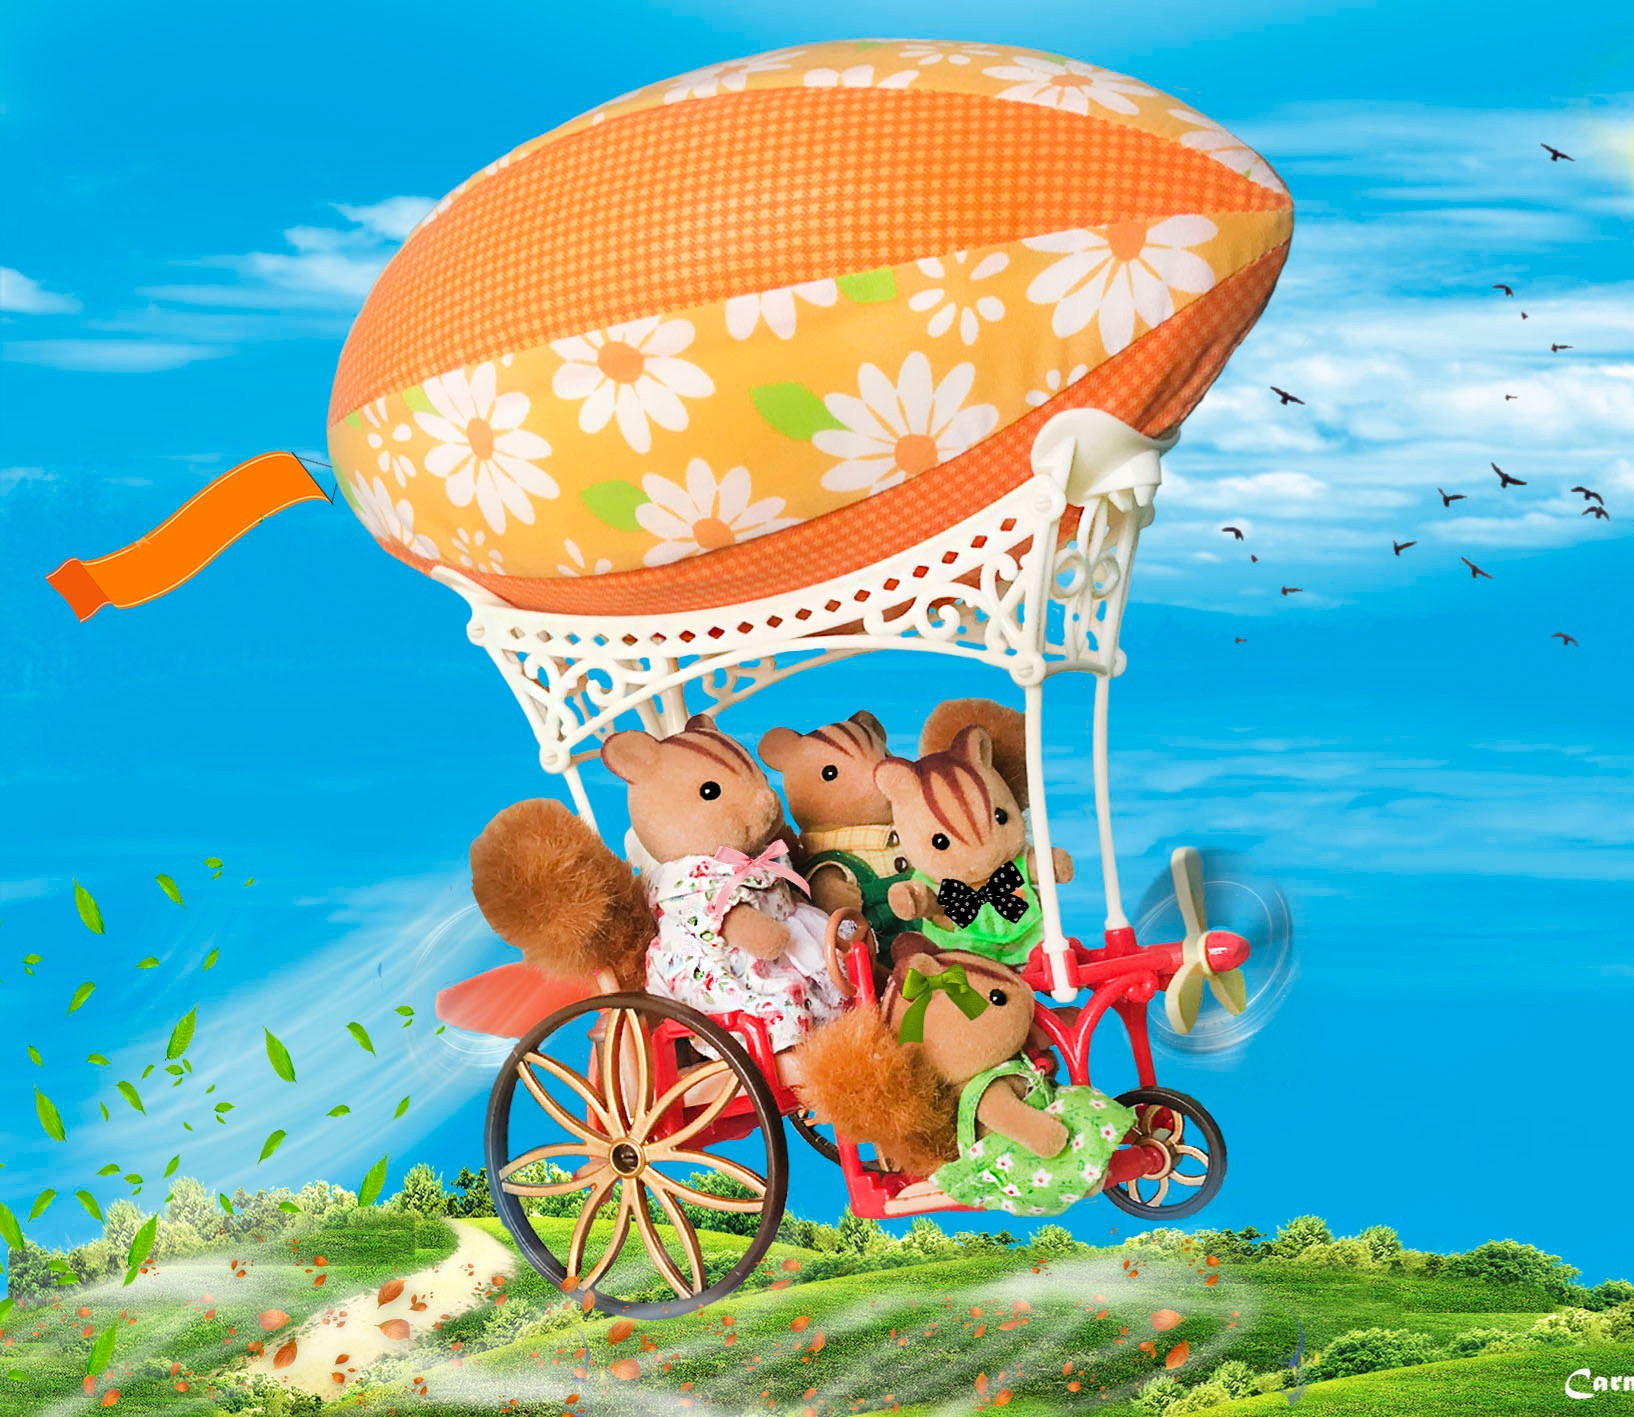 A ride in a hot air balloon